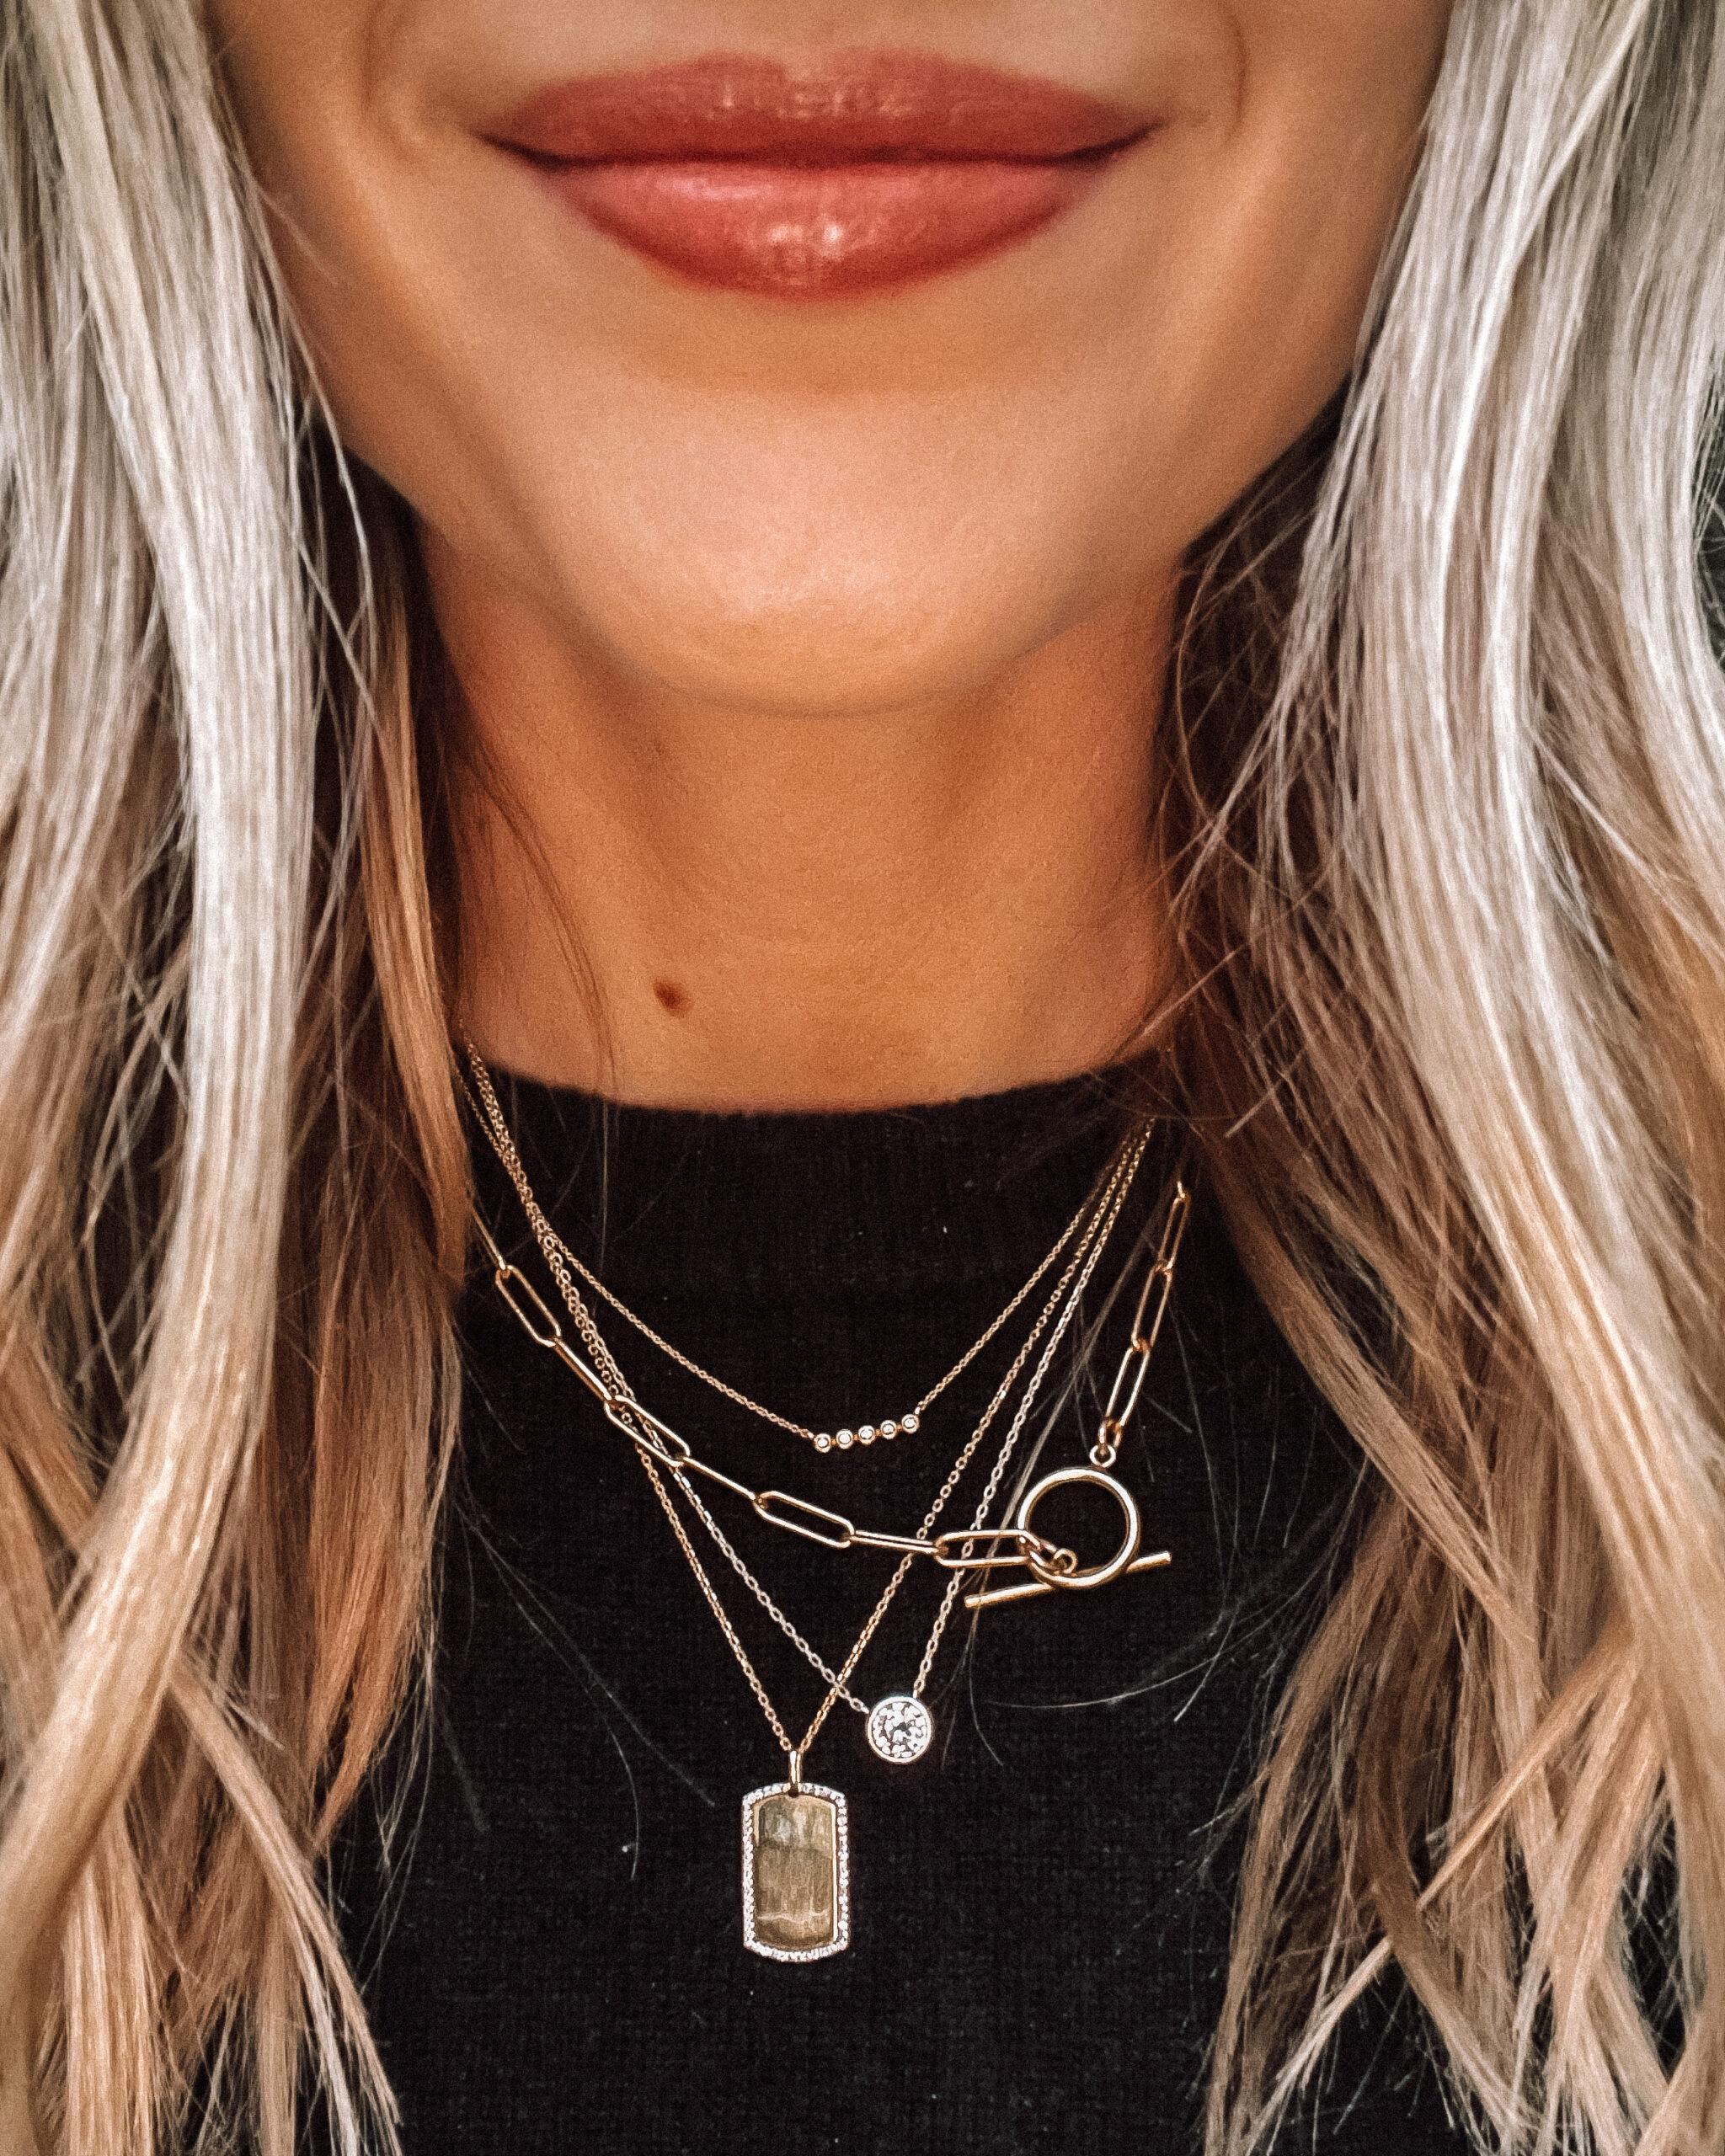 Fashion Jackson Jewelry